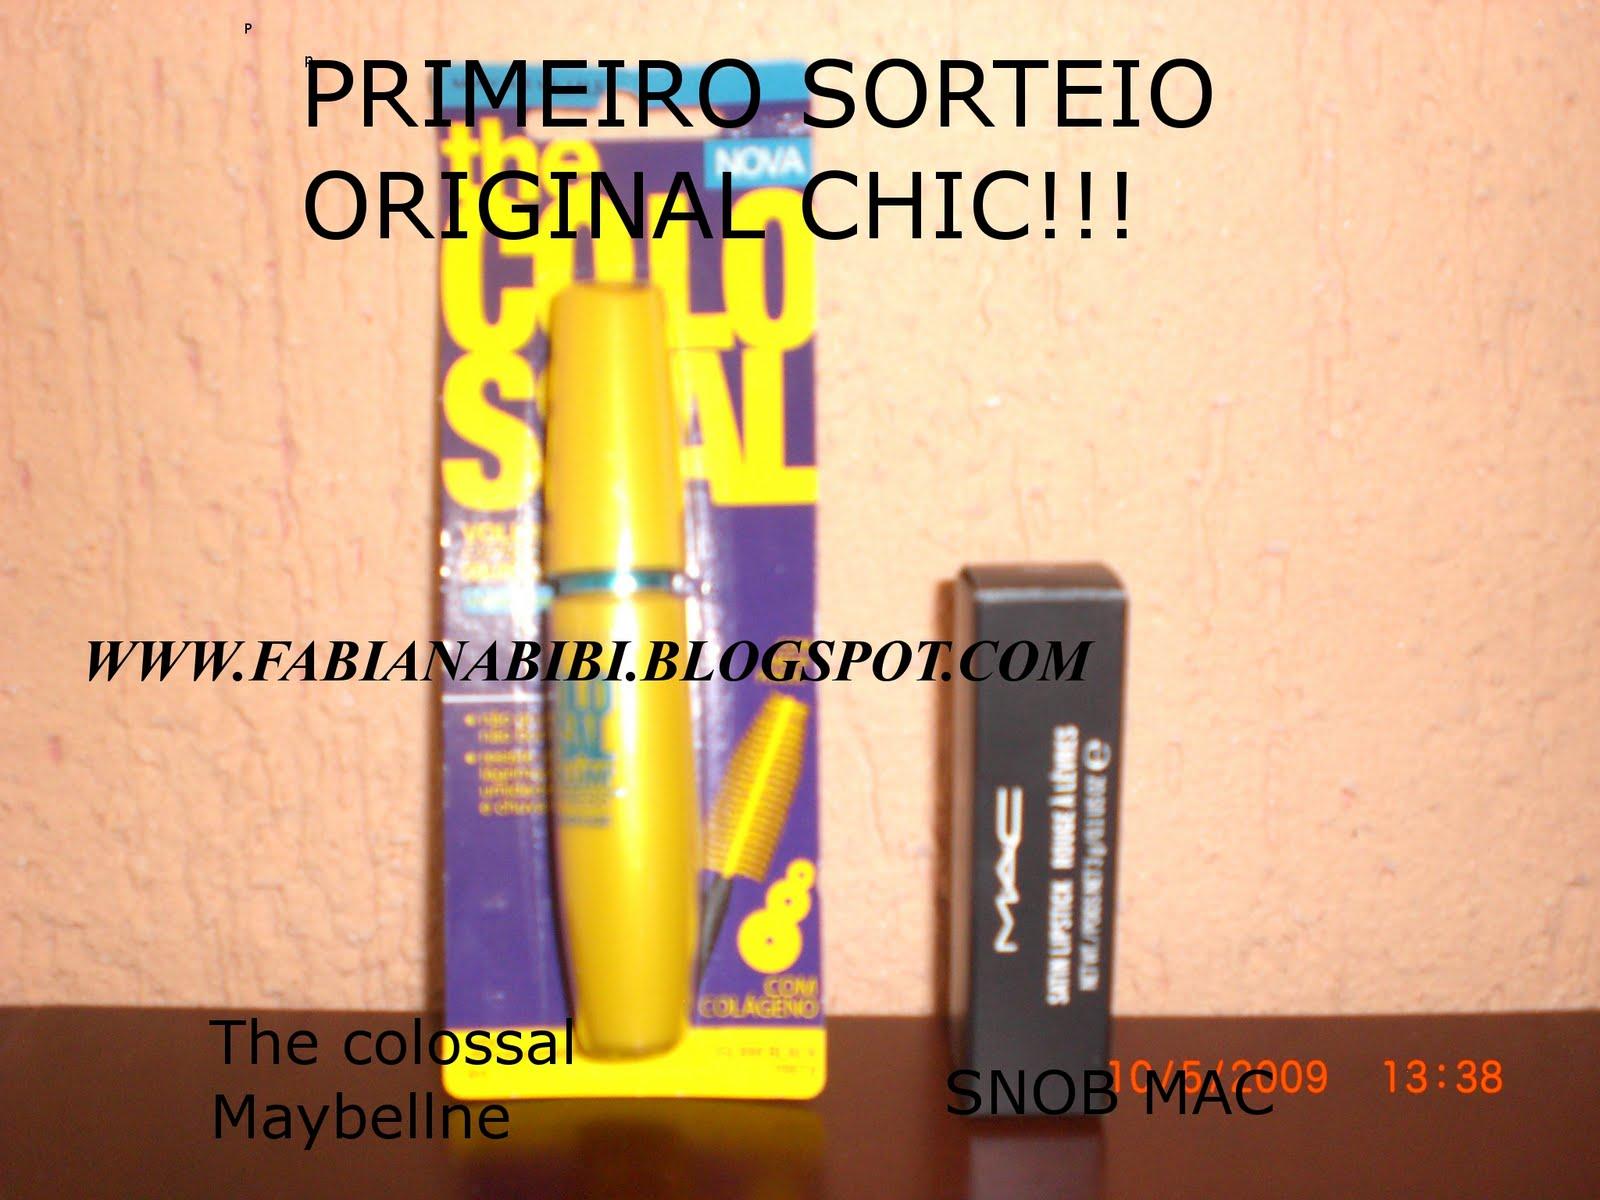 Sorteio Original Chic